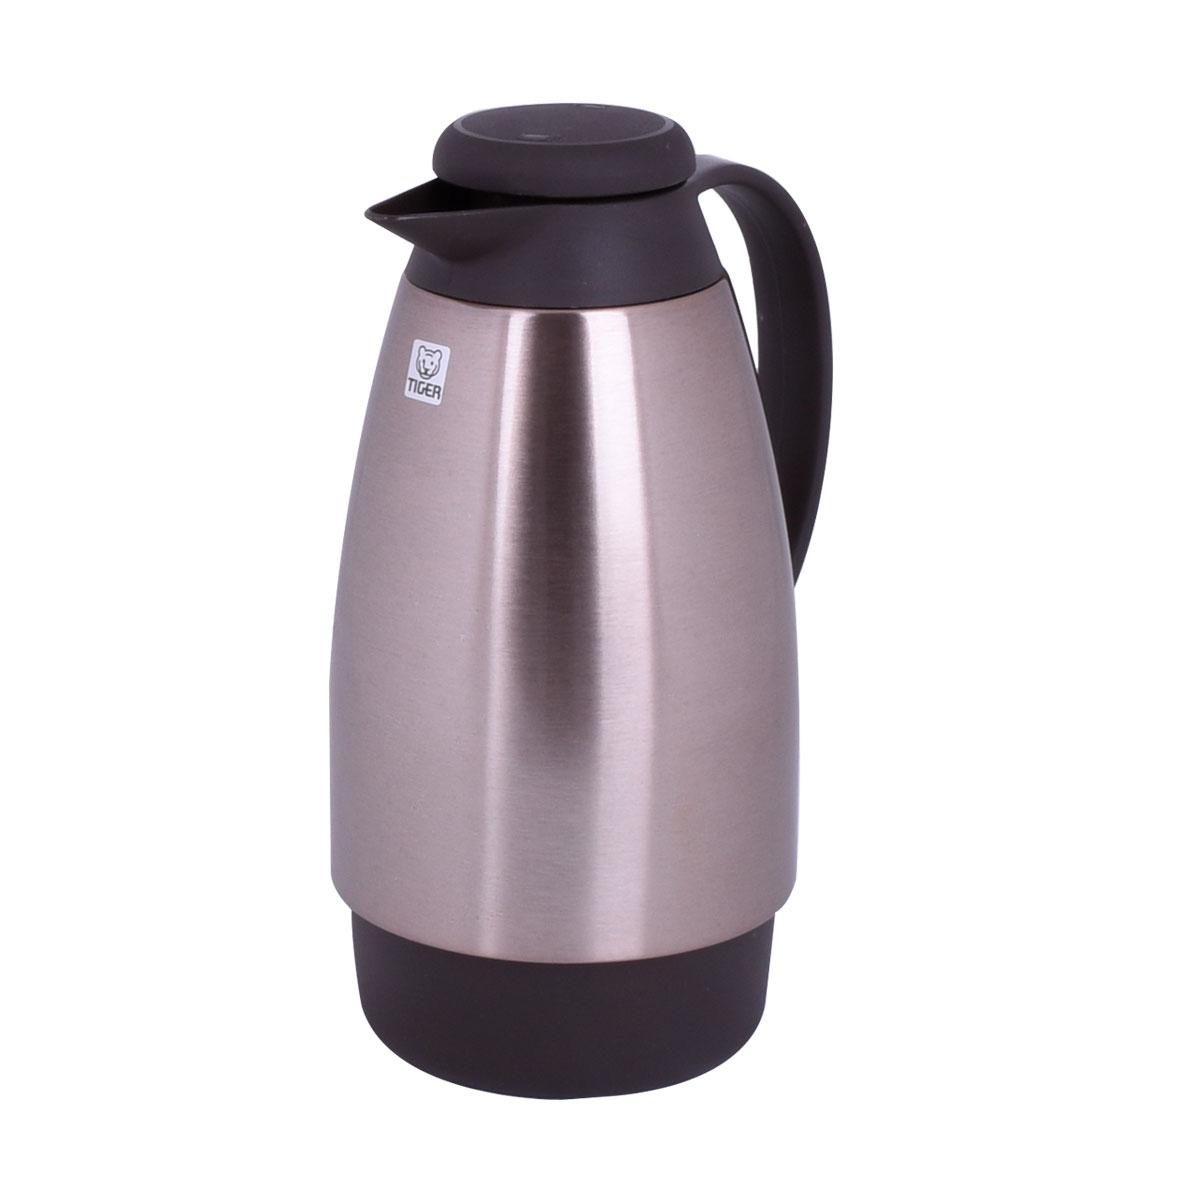 ترمس شاي وقهوه تايجر اليابانية - استانلس استيل - 1 لتر - PXE1000